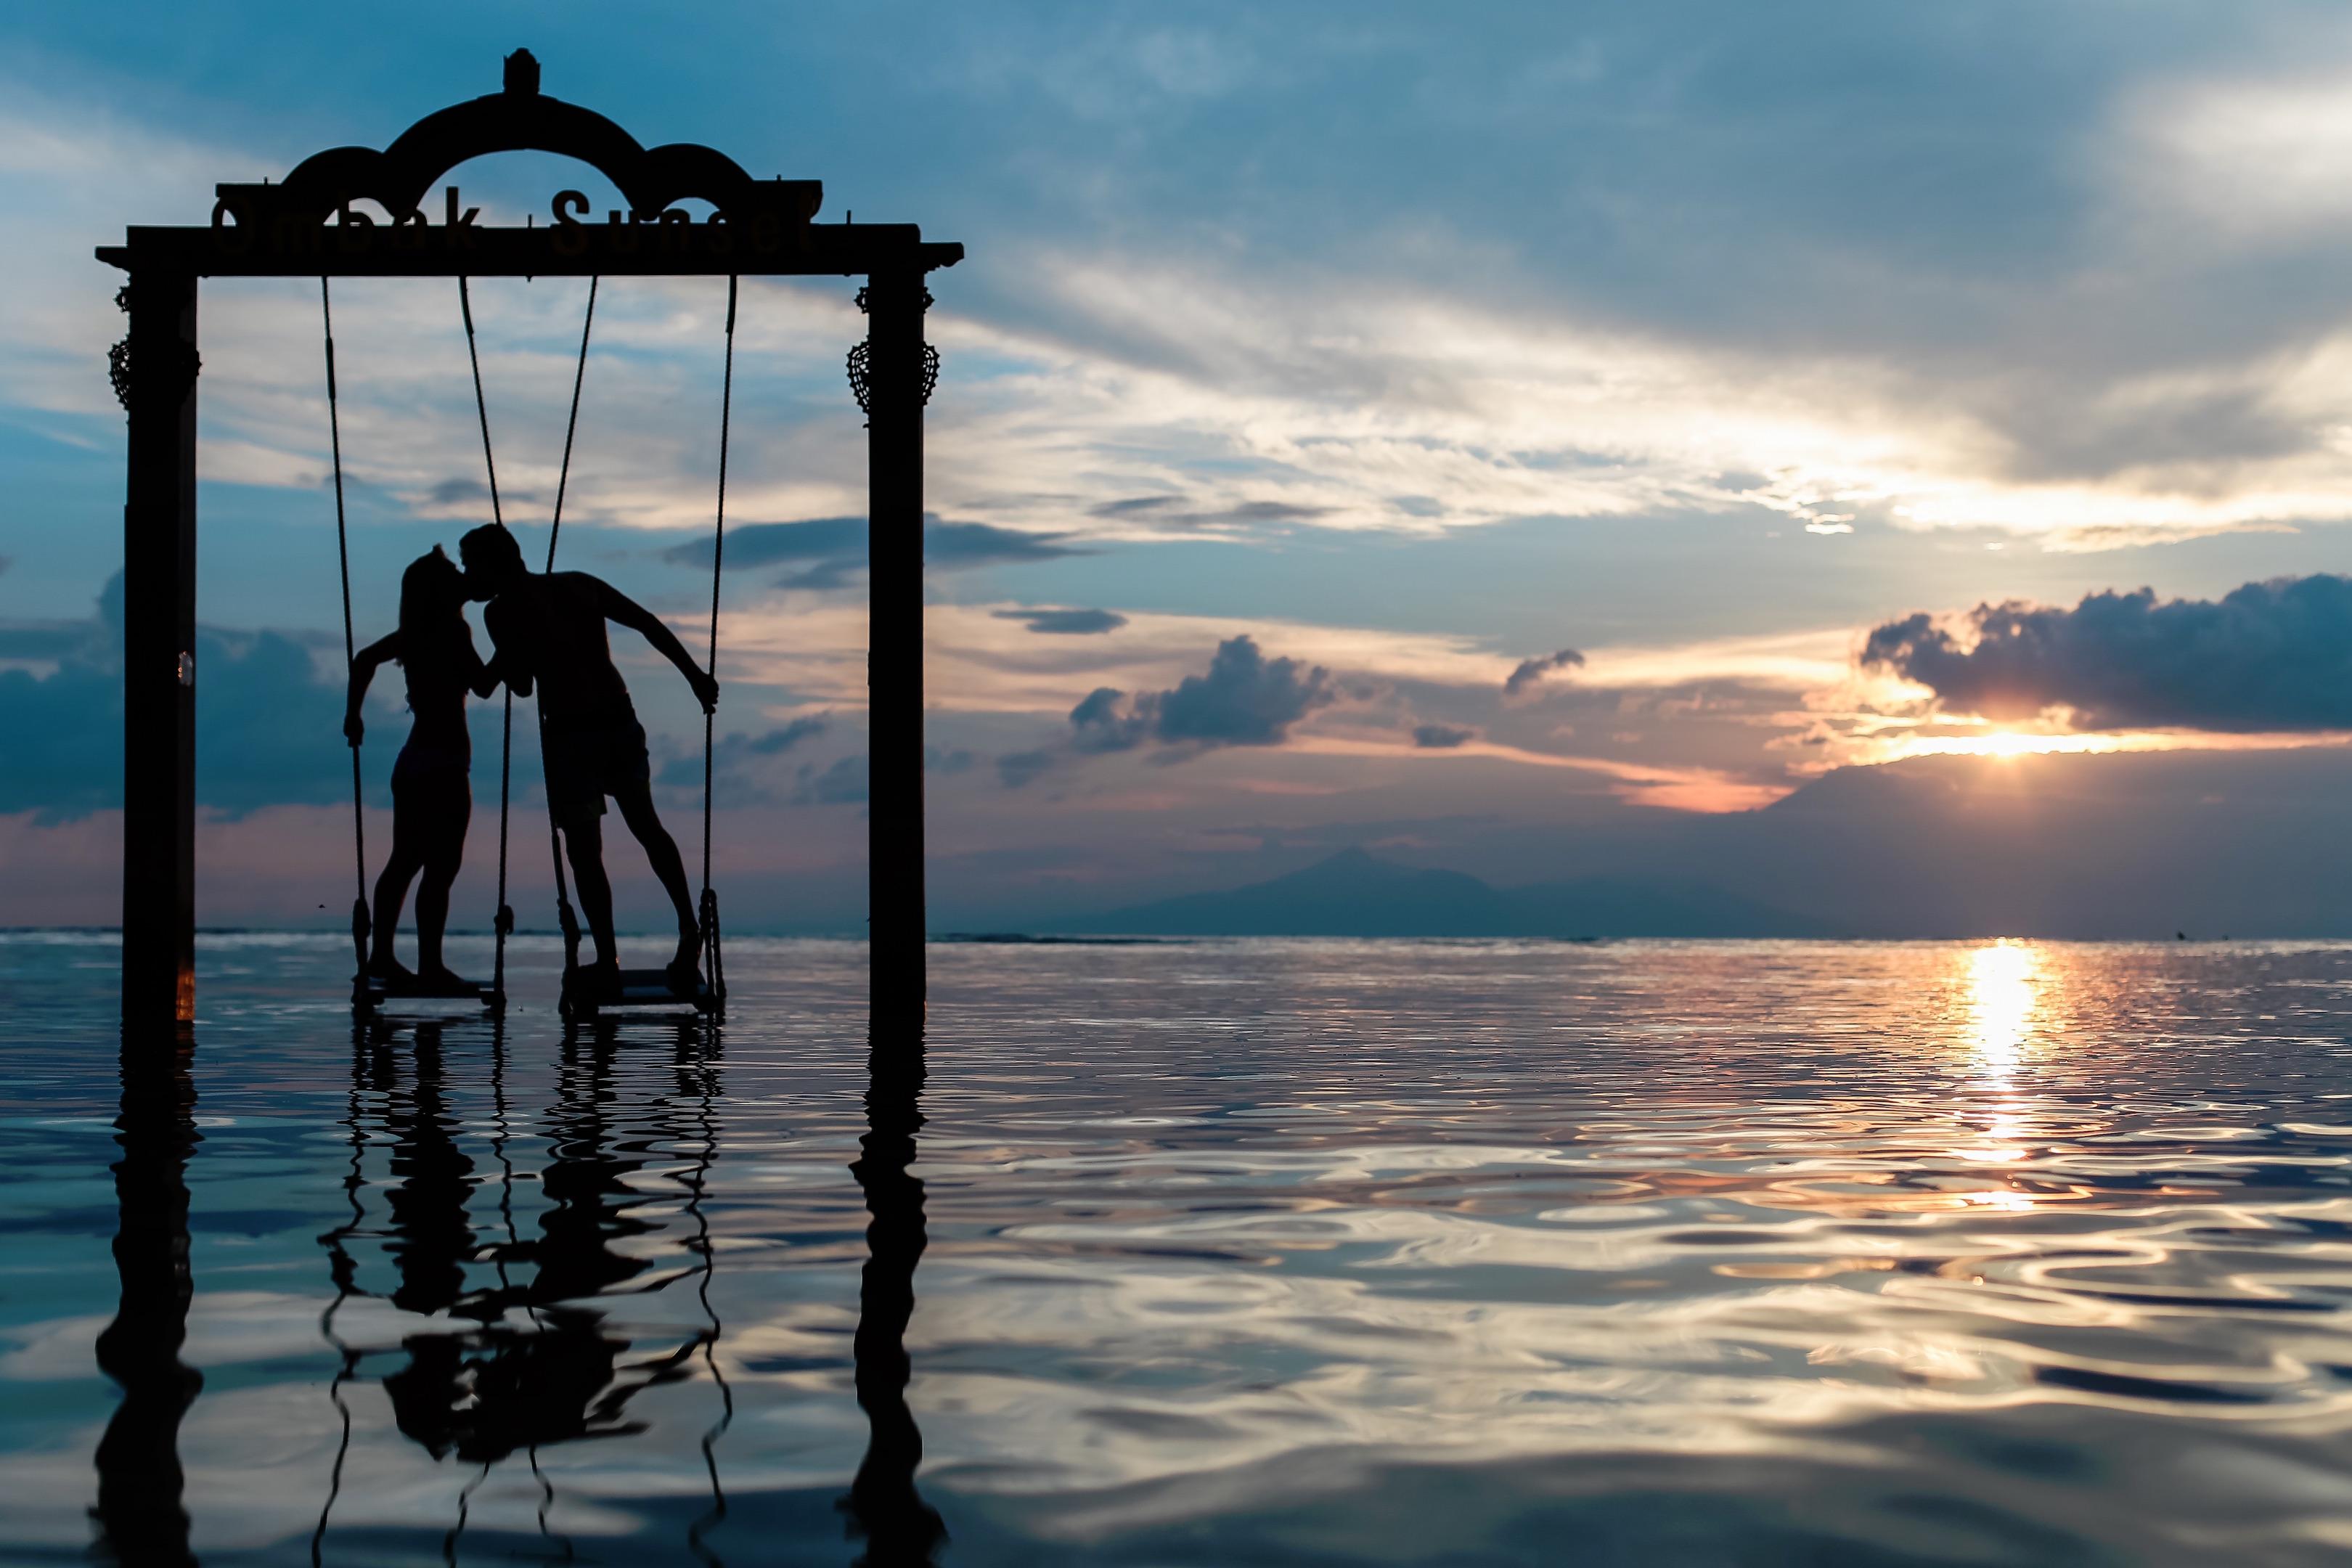 couple intimacy desire